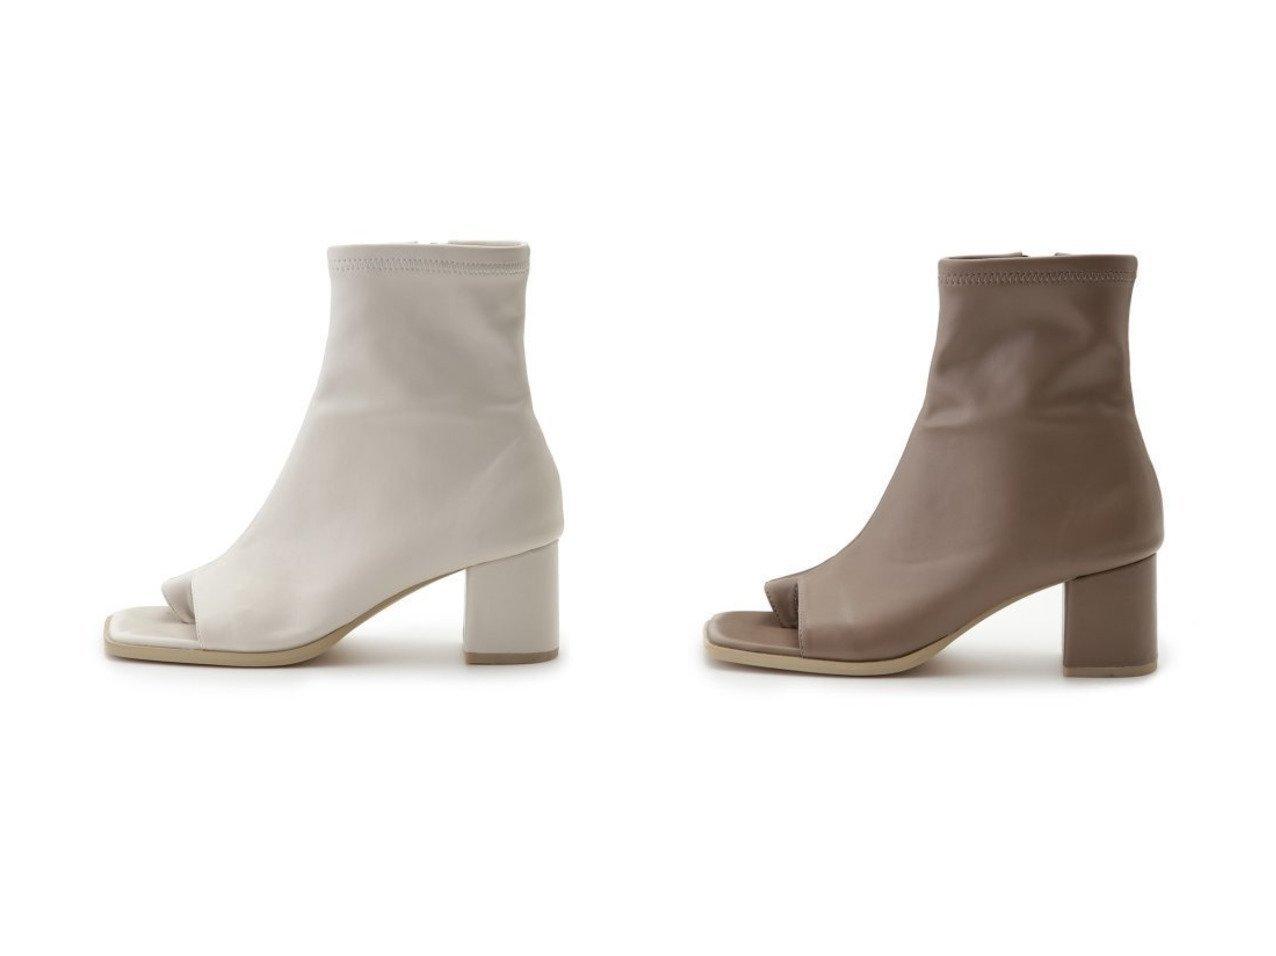 【FRAY I.D/フレイ アイディー】のオープントングブーツ シューズ・靴のおすすめ!人気、トレンド・レディースファッションの通販 おすすめで人気の流行・トレンド、ファッションの通販商品 メンズファッション・キッズファッション・インテリア・家具・レディースファッション・服の通販 founy(ファニー) https://founy.com/ ファッション Fashion レディースファッション WOMEN サンダル シューズ ジップ ストレッチ スマート バランス 再入荷 Restock/Back in Stock/Re Arrival |ID:crp329100000023363